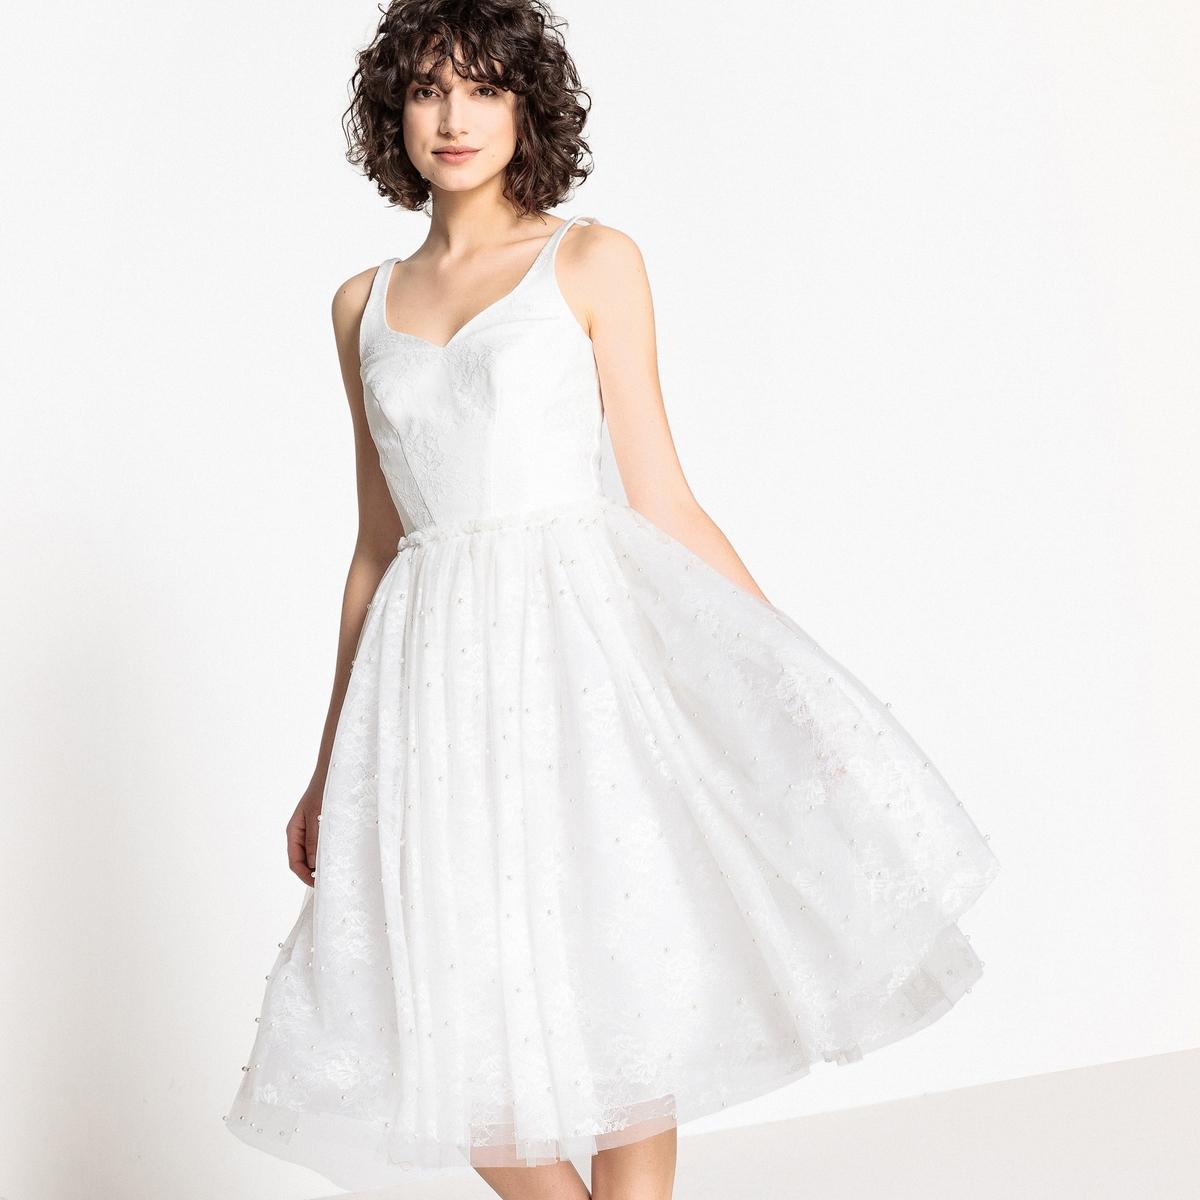 Платье La Redoute Свадебное расклешенное из кружева с бусинами 38 (FR) - 44 (RUS) белый свадебное платье zsc 100pthd lygh29